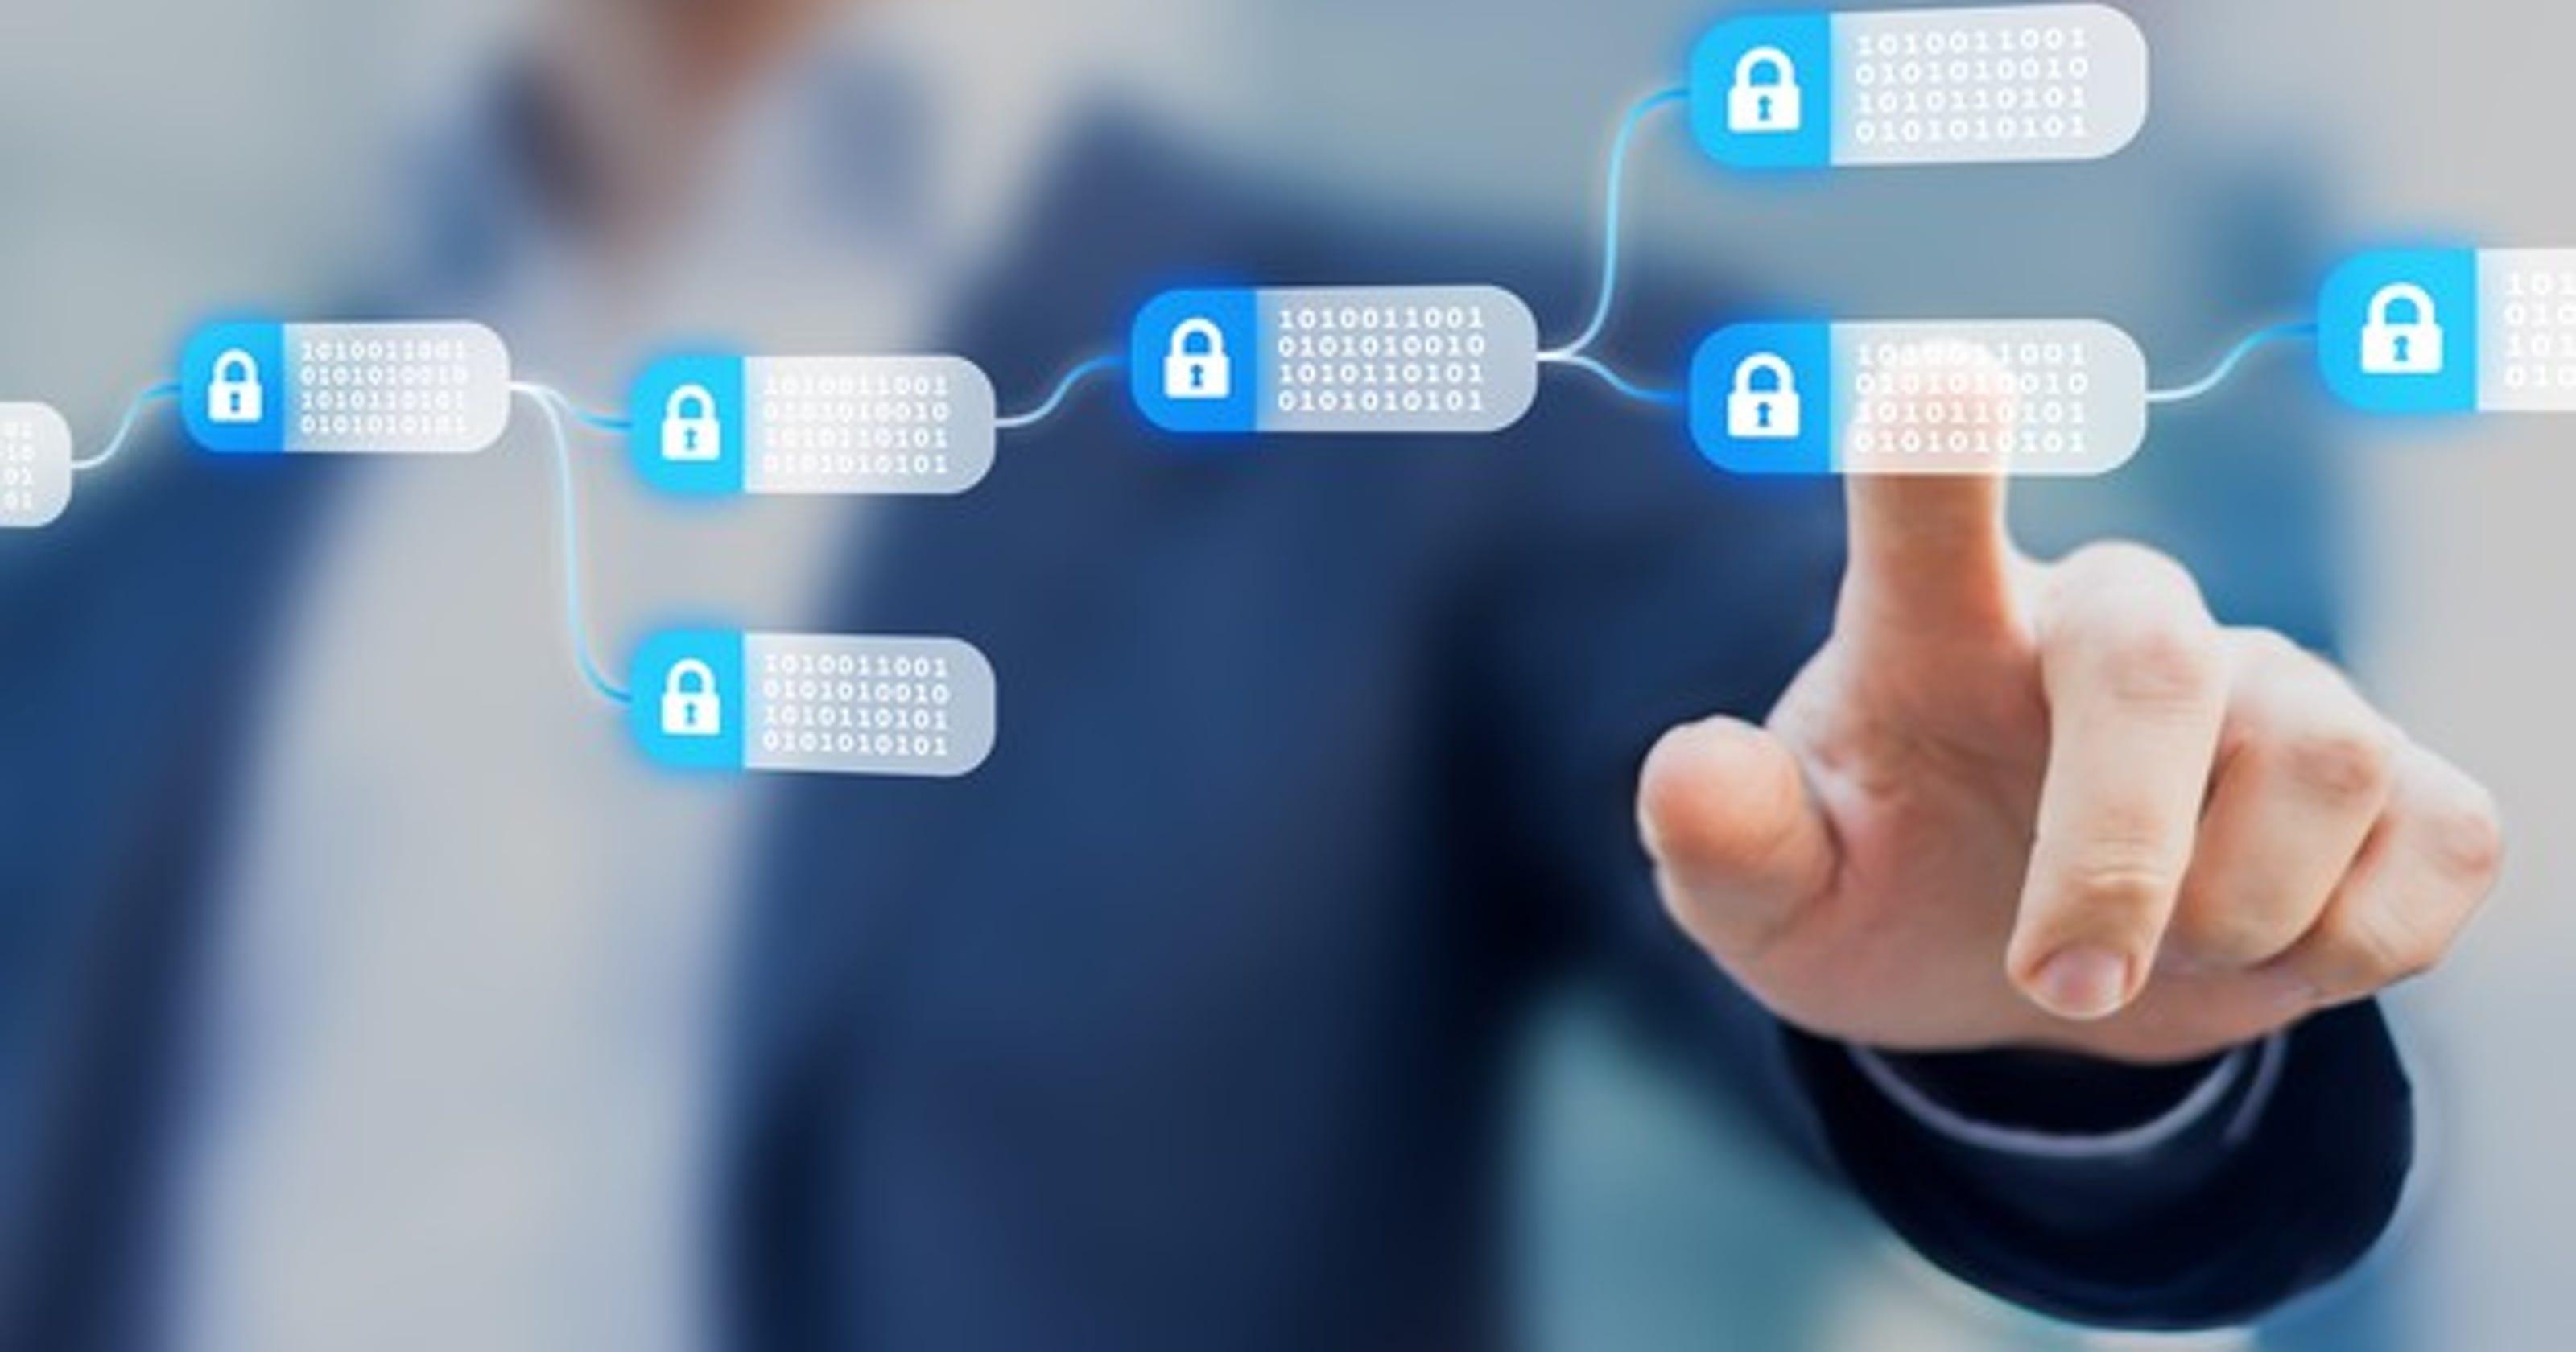 Delaware easing off blockchain zeal after concerns over